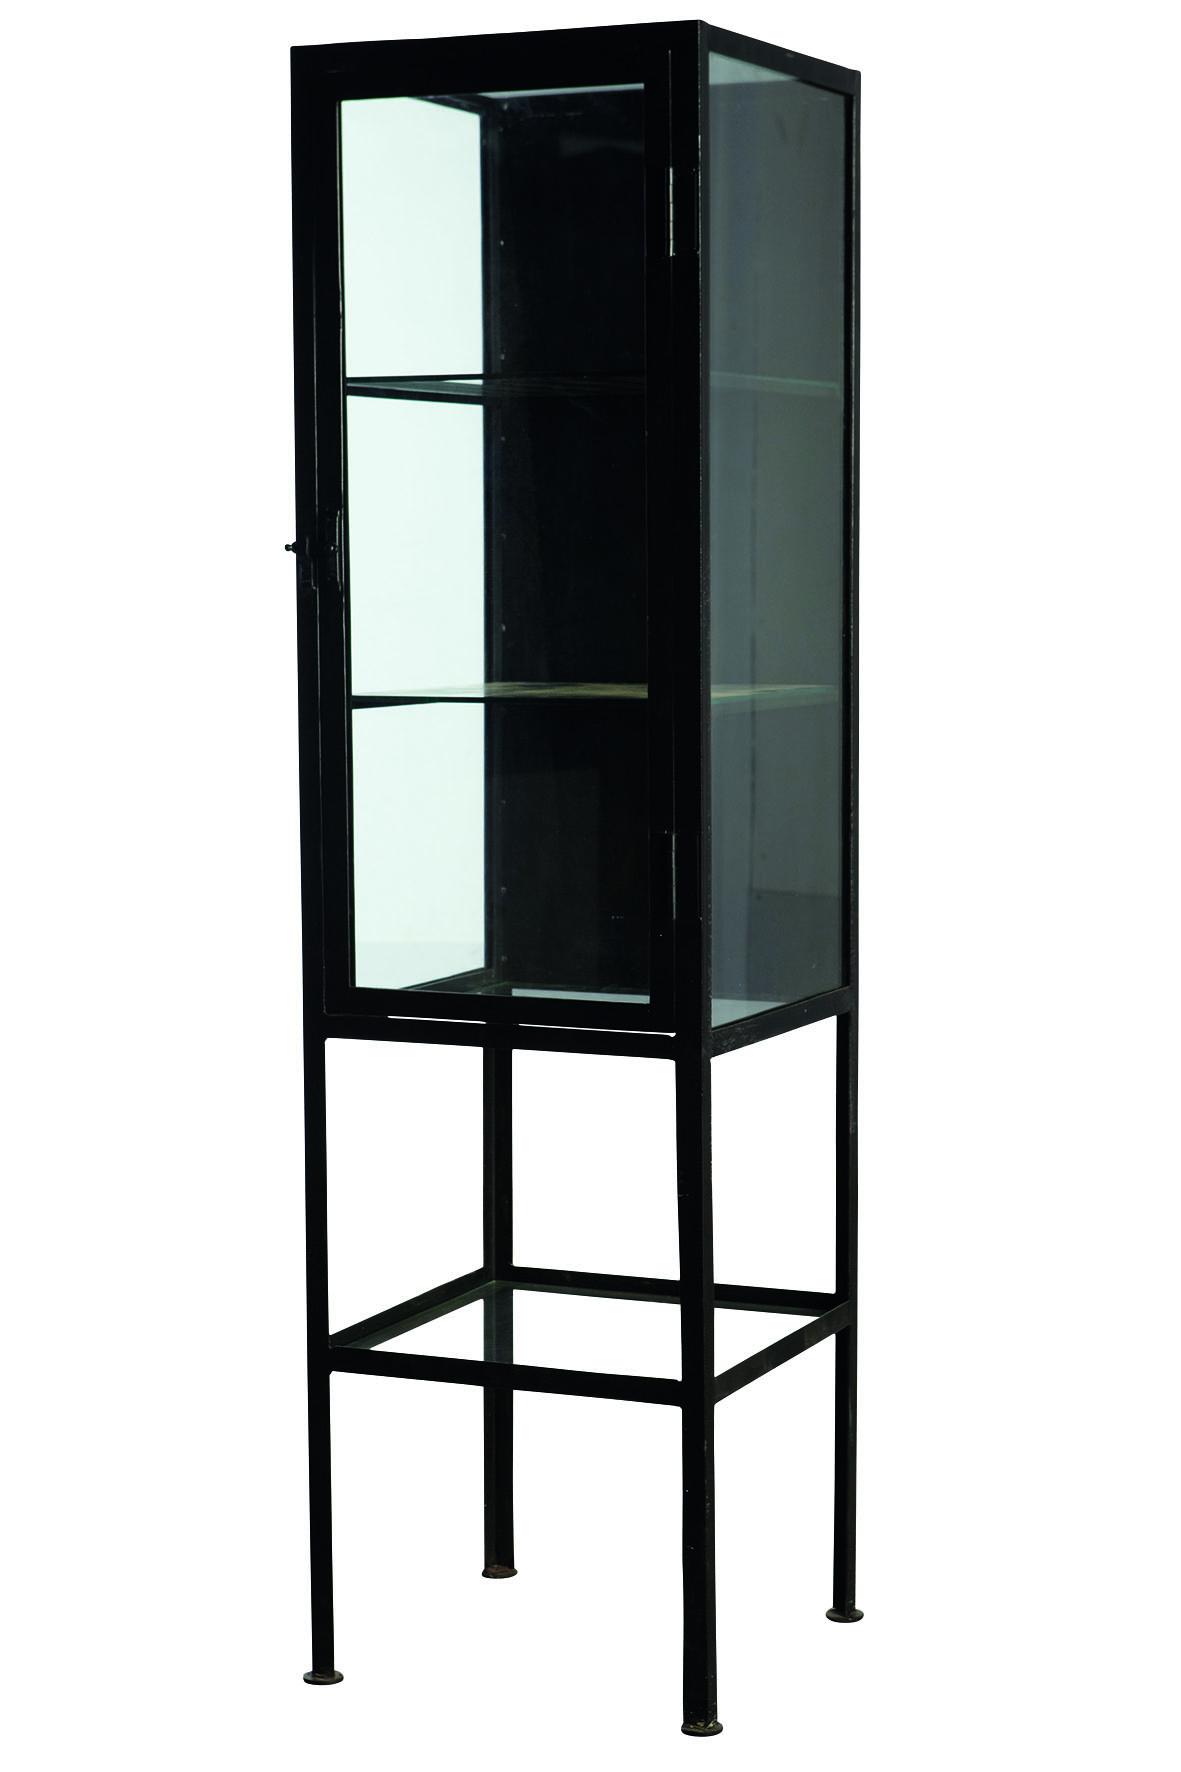 Cabinett vitrinskåp